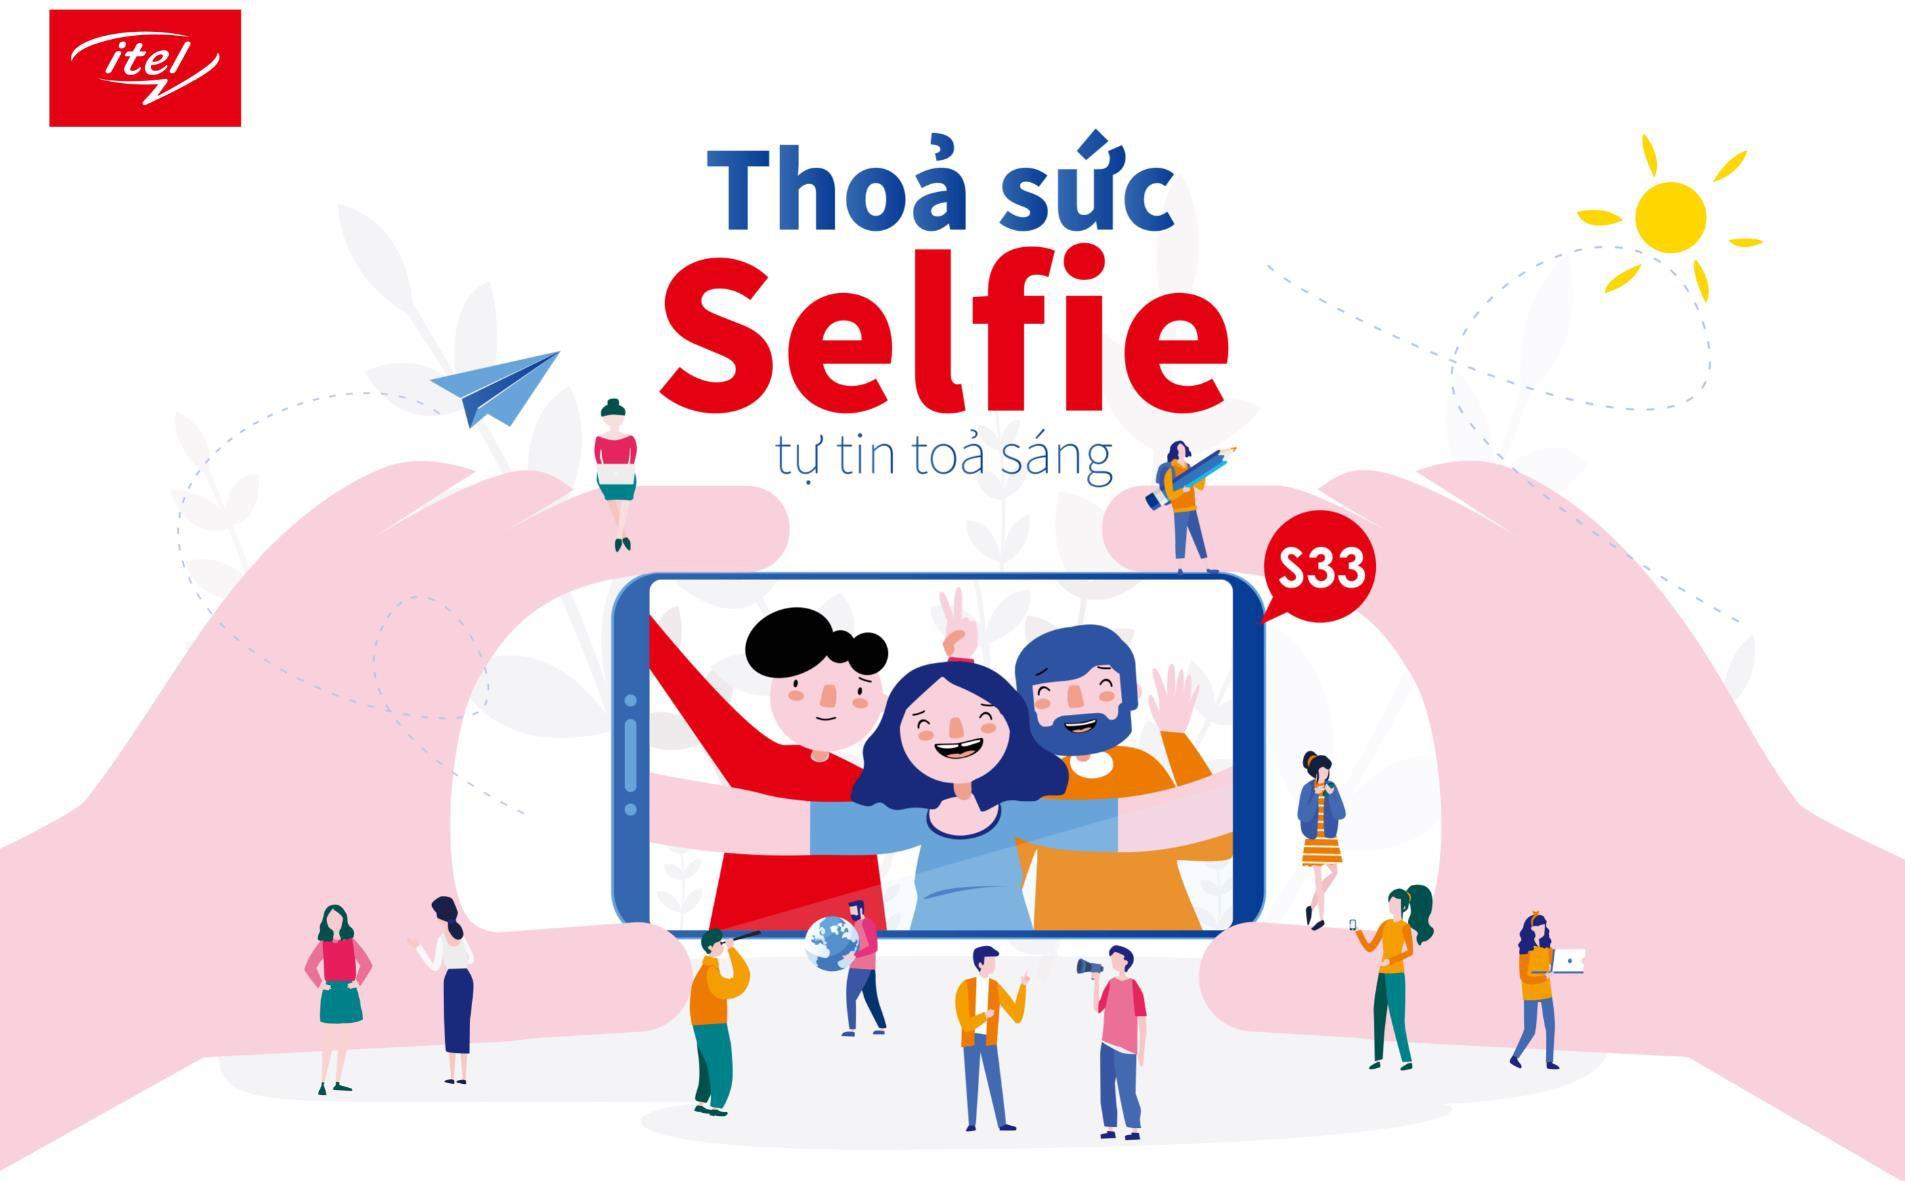 Sân chơi mới cho những ai yêu thích selfie - Ảnh 1.